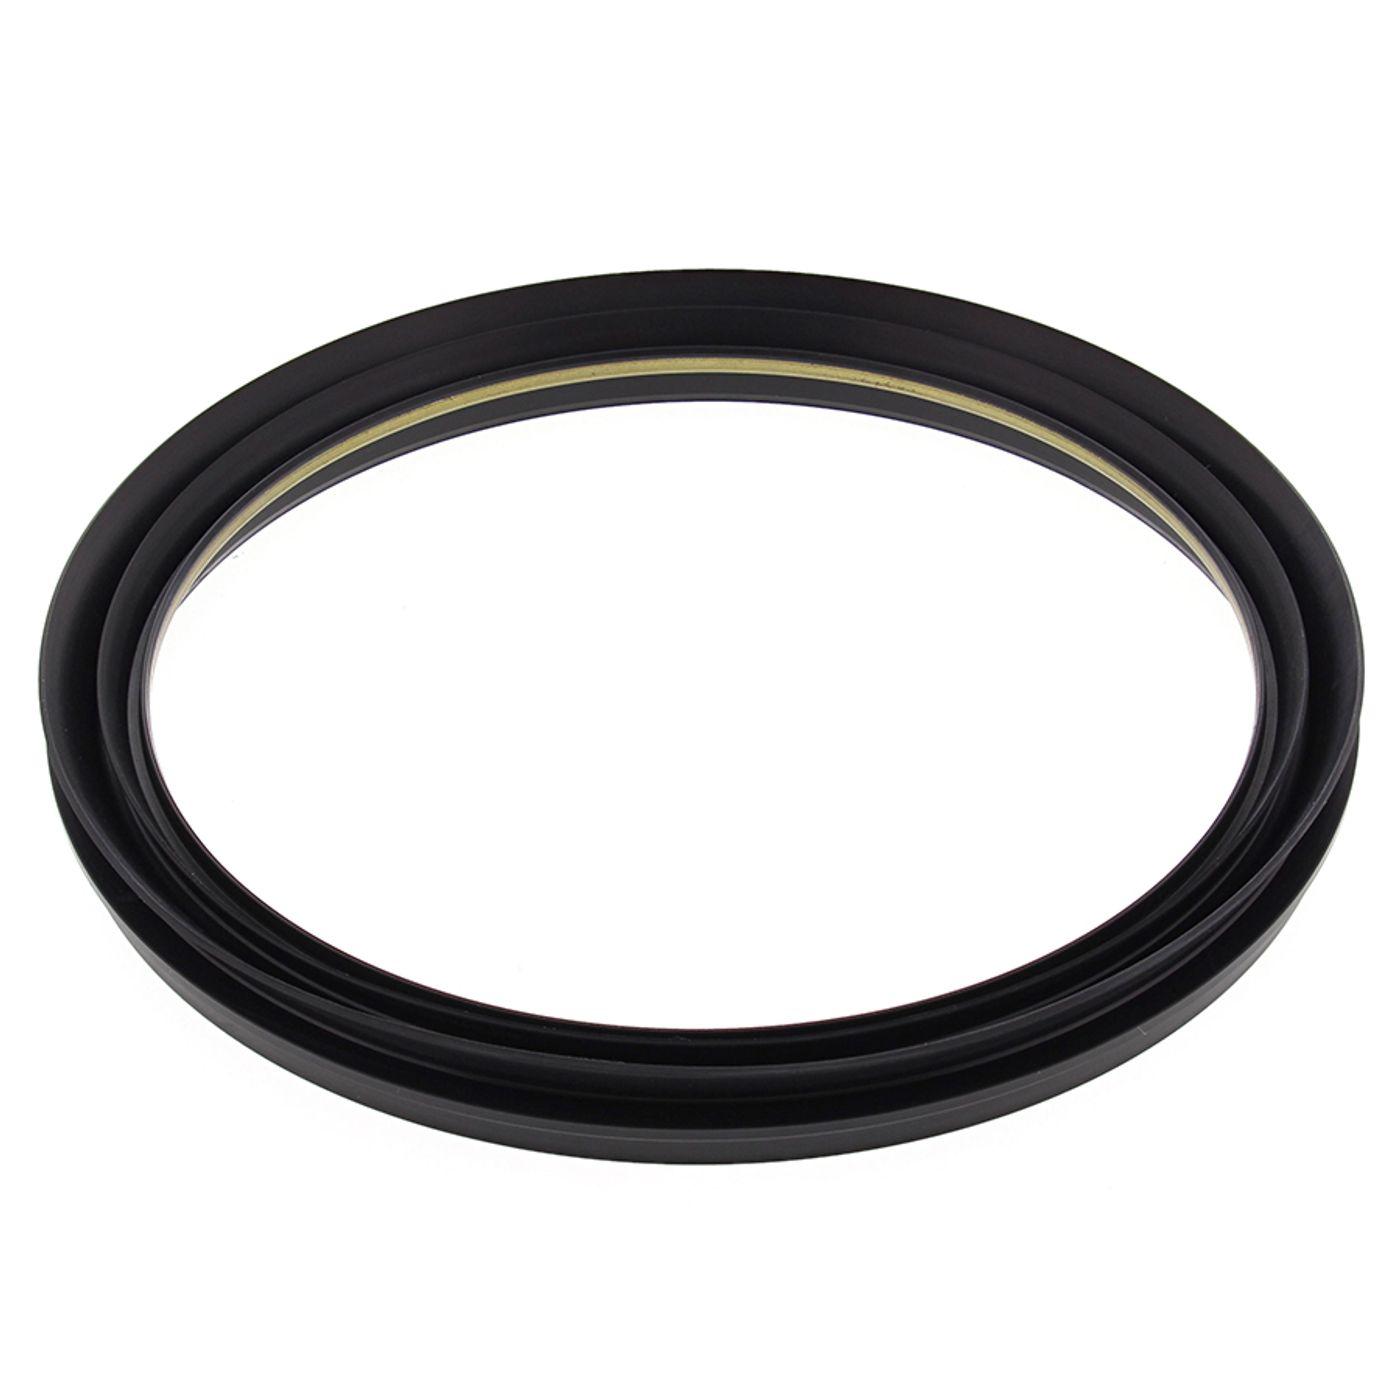 Wrp Brake Drum Seals - WRP3020301 image